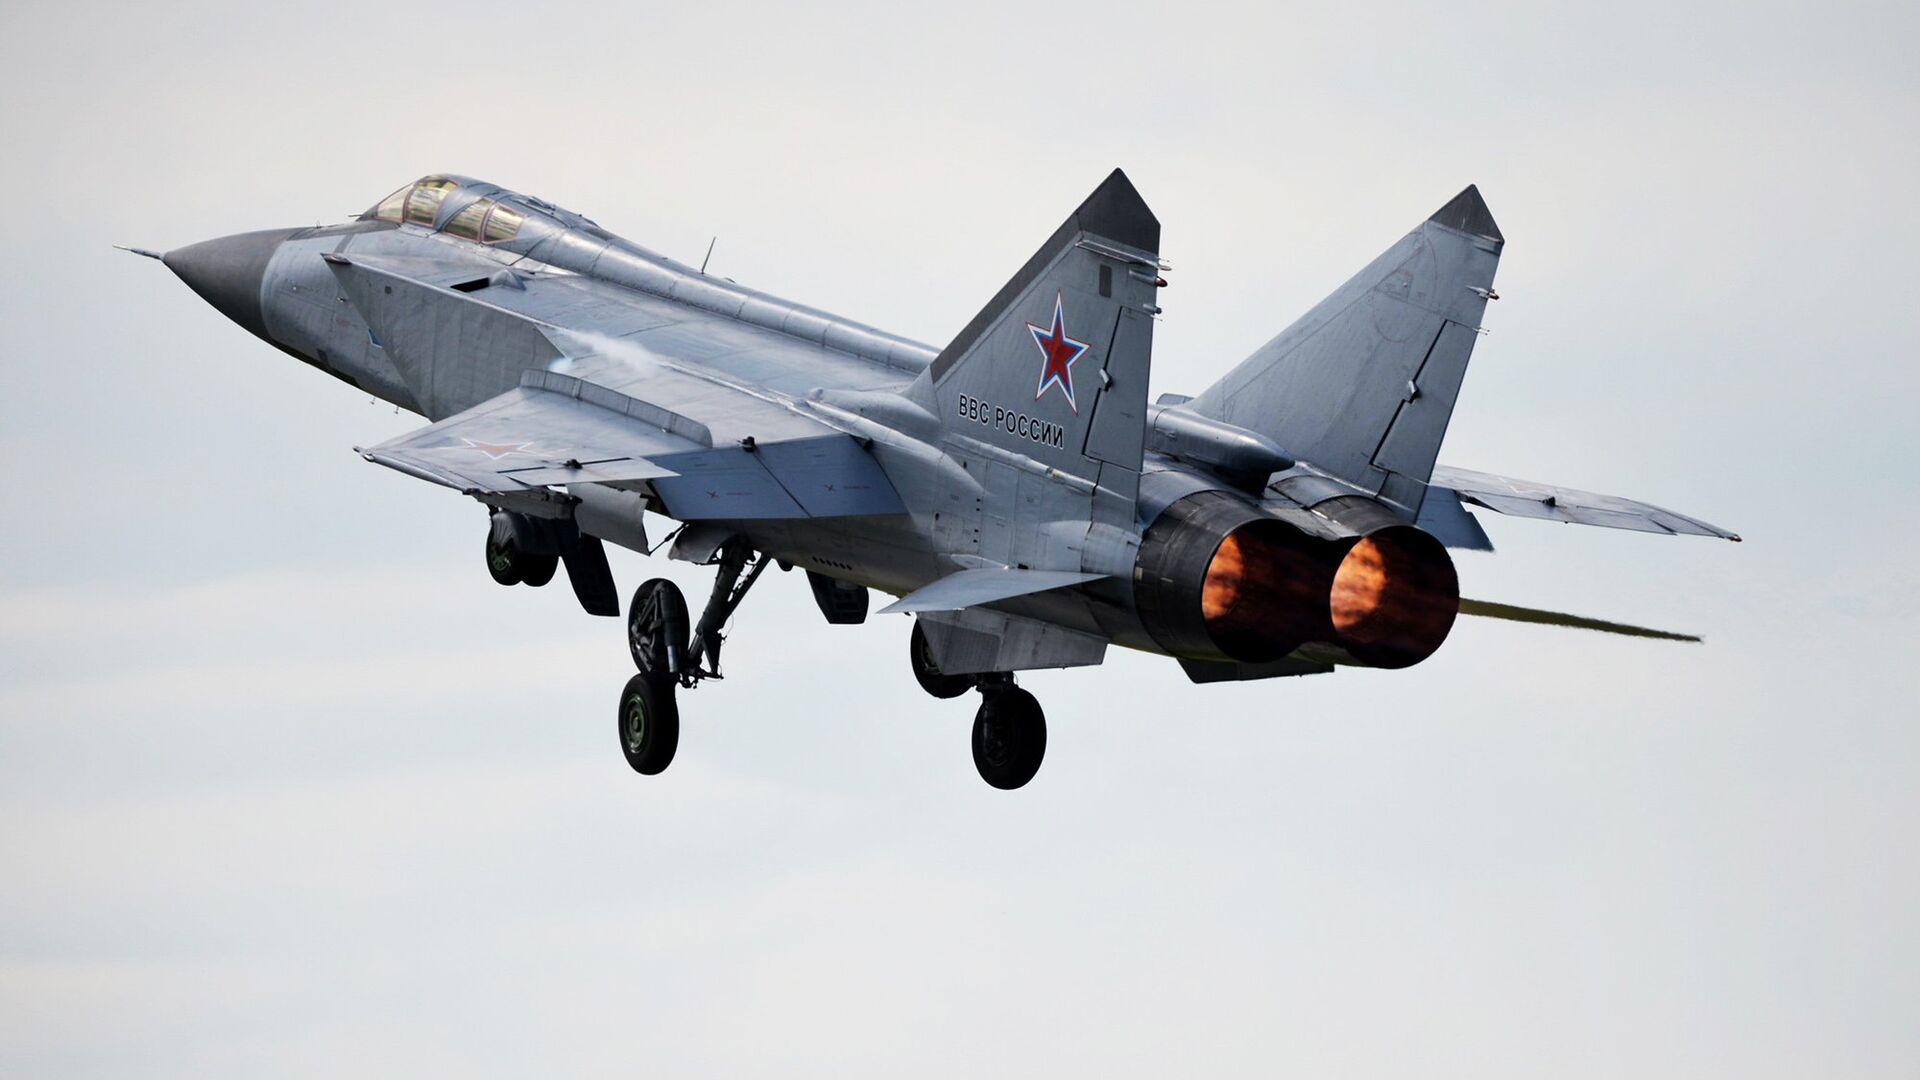 Истребитель-перехватчик МиГ-31 - РИА Новости, 1920, 07.04.2021